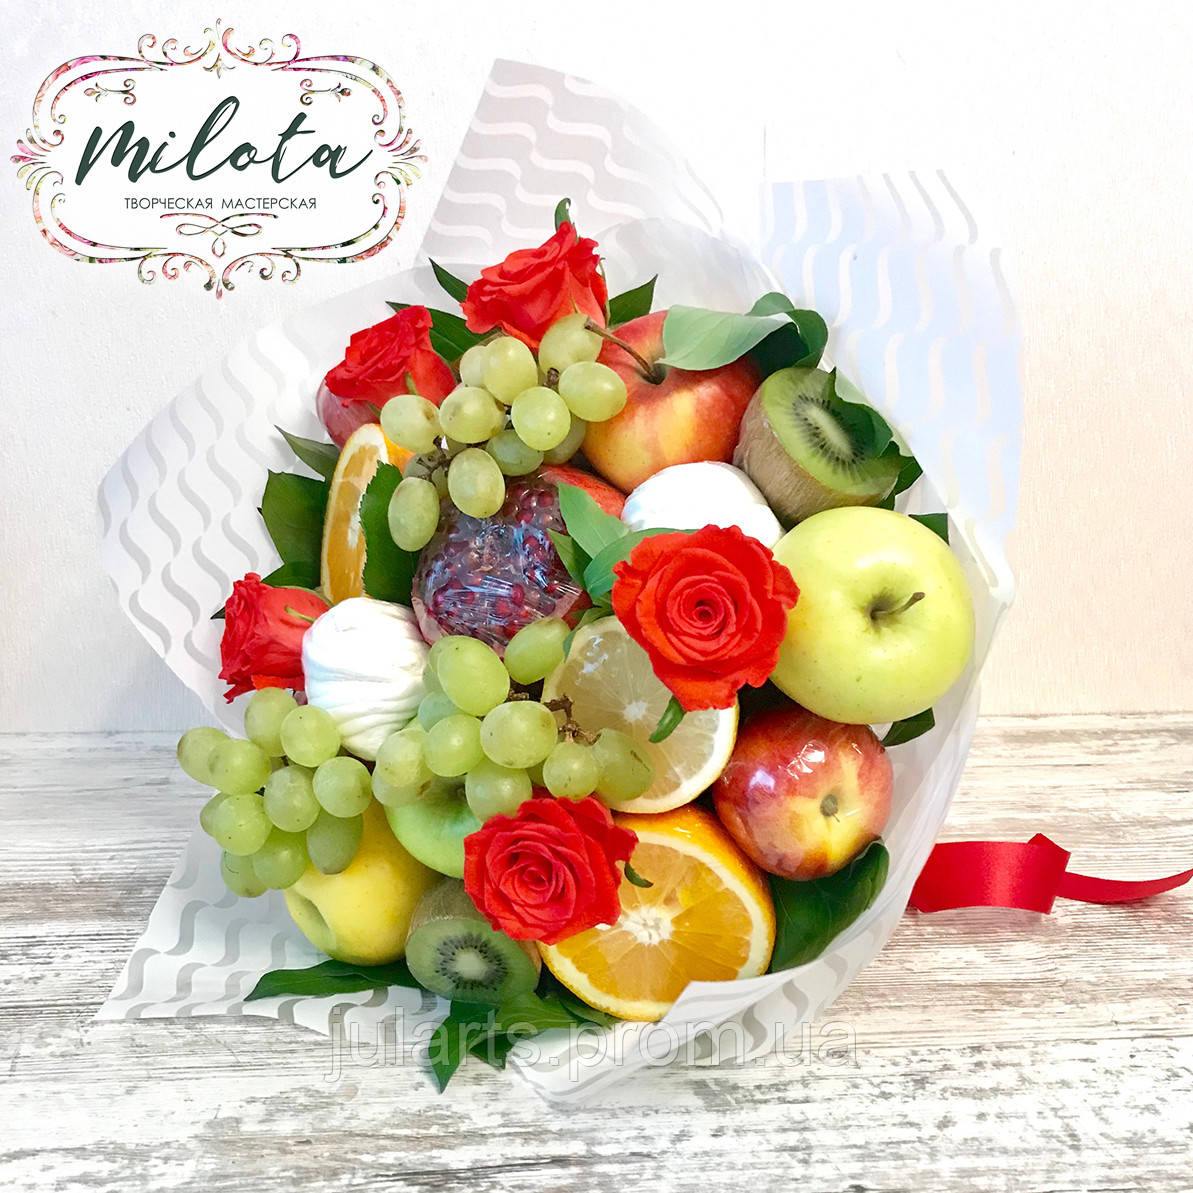 Невесты букеты из 5 цветов и фруктов харьков букеты роз